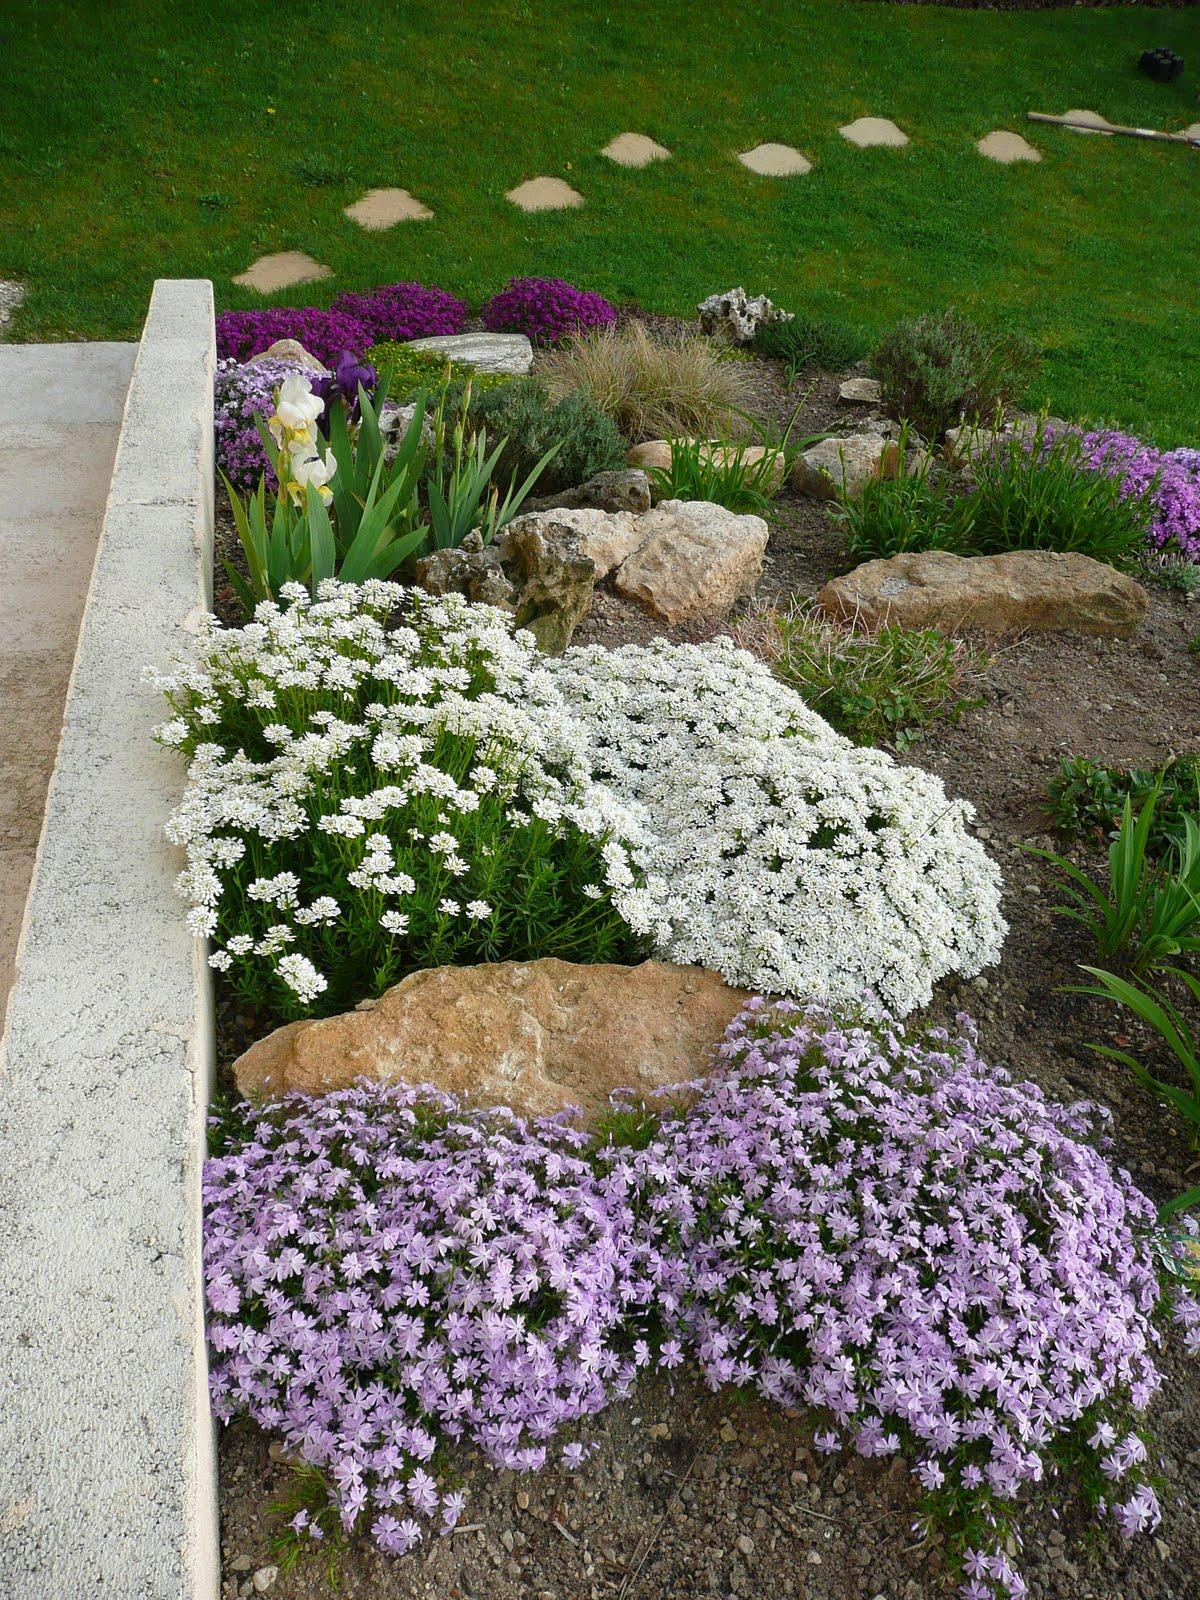 Notre jardin secret la rocaille aux couleurs du printemps for Jardin secret 78